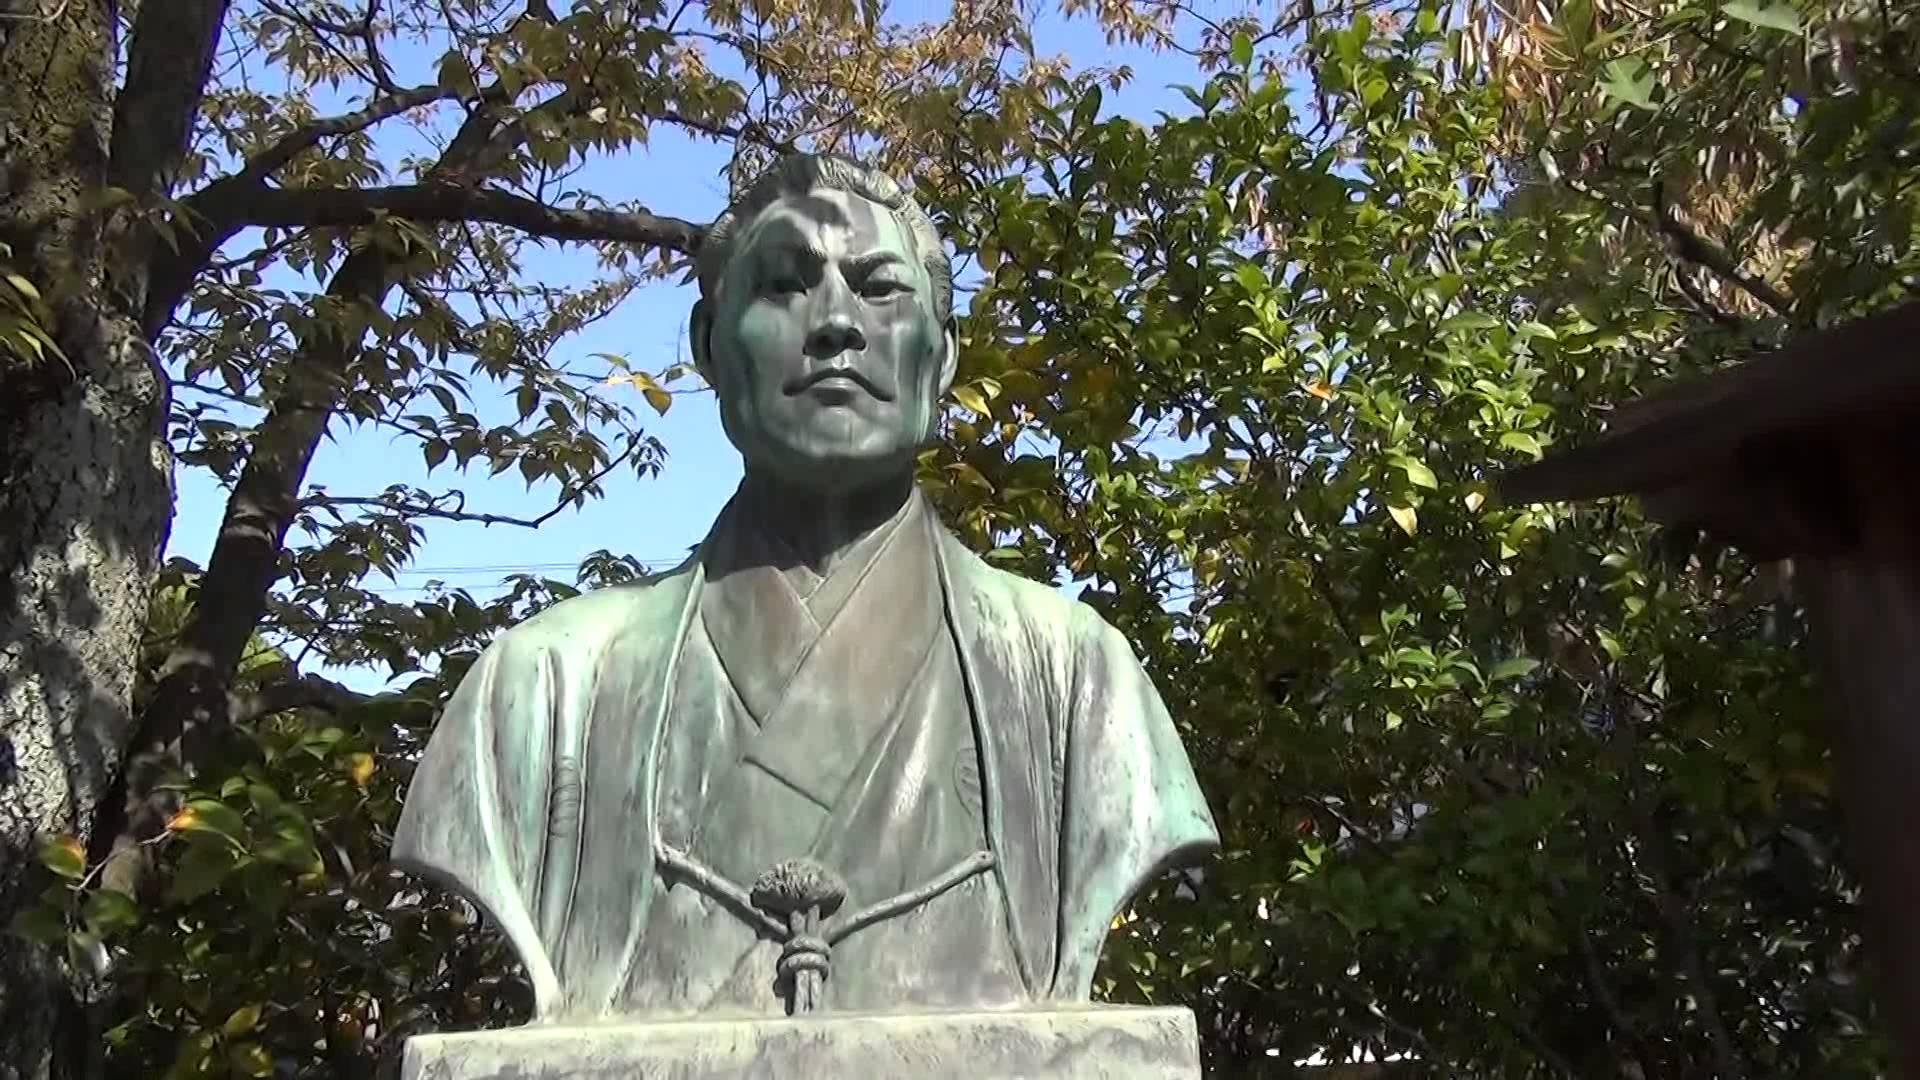 壬生寺の「壬生塚」の奥で、イケメンの近藤勇さんの胸像とご対面